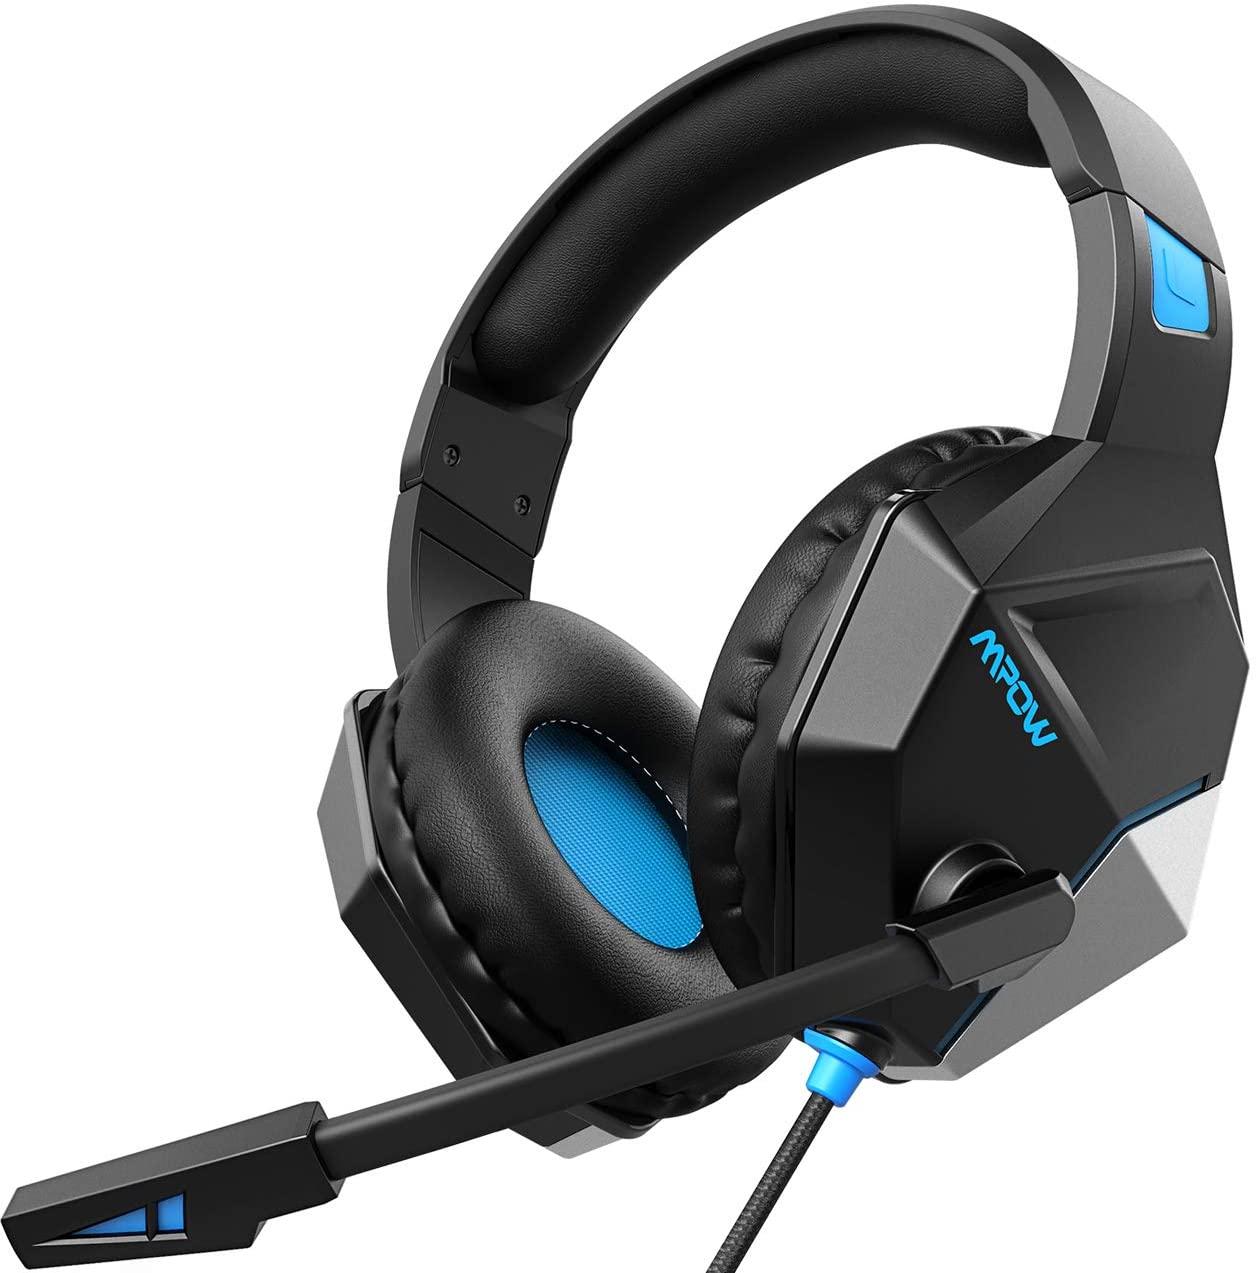 افضل سماعات قيمنق امباو-EG10 سماعة قيمنق السلكية لأجهزة PS5 و PS4 و PC و Xbox One - أسود + أزرق